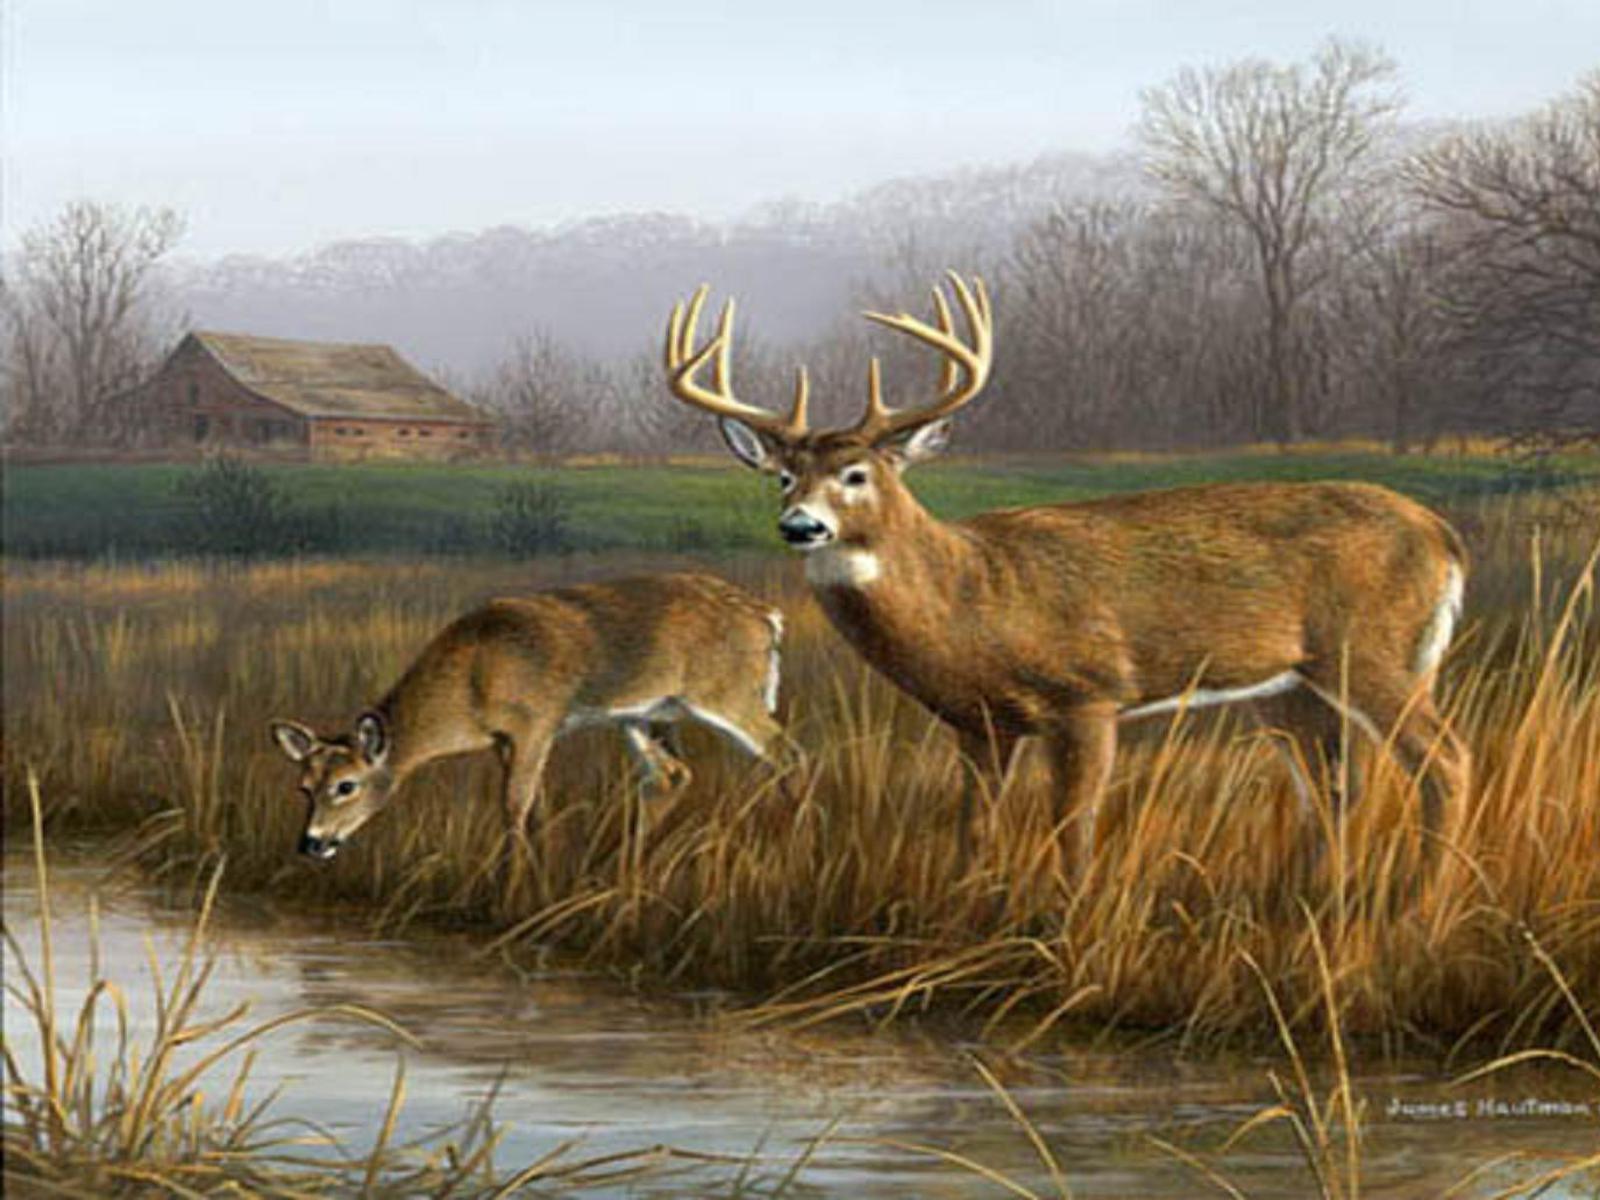 Deer and elk wallpaper backgrounds wallpapersafari - Elk hunting wallpaper ...